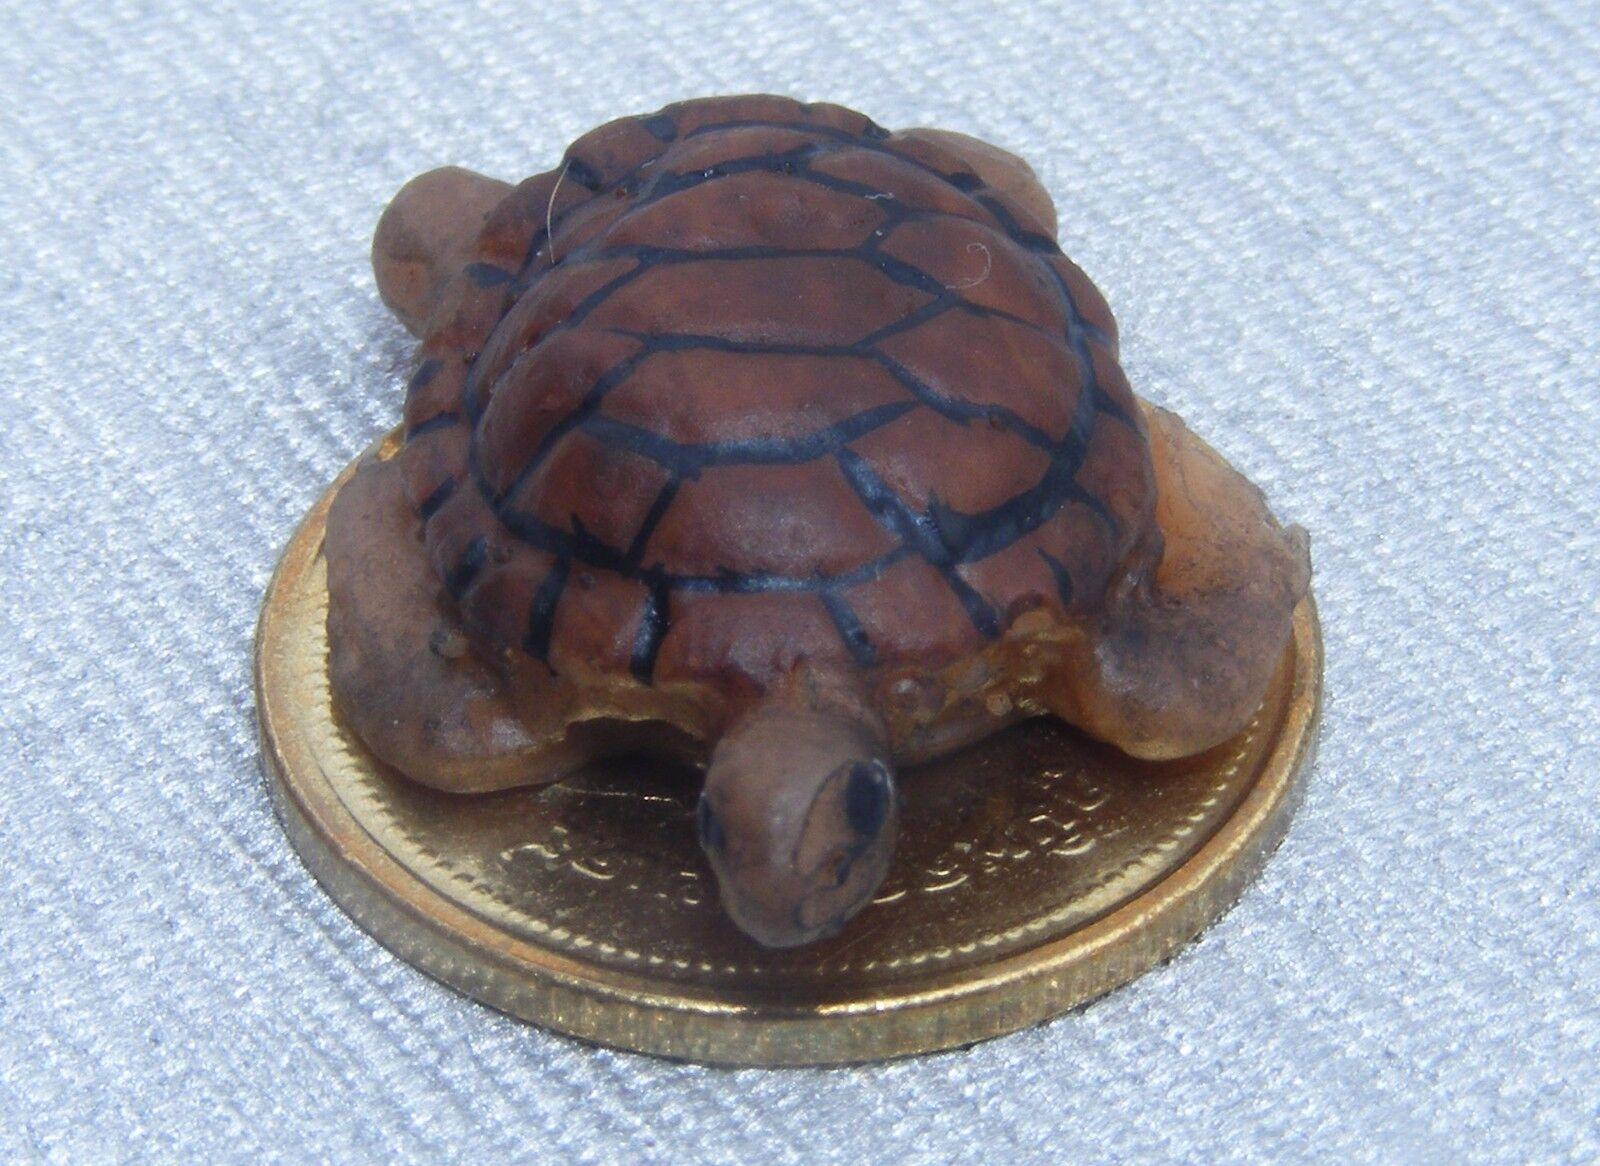 112 Maßstab Braune Schildkröte Tumdee Puppenhaus Miniatur Garten Haustier T11